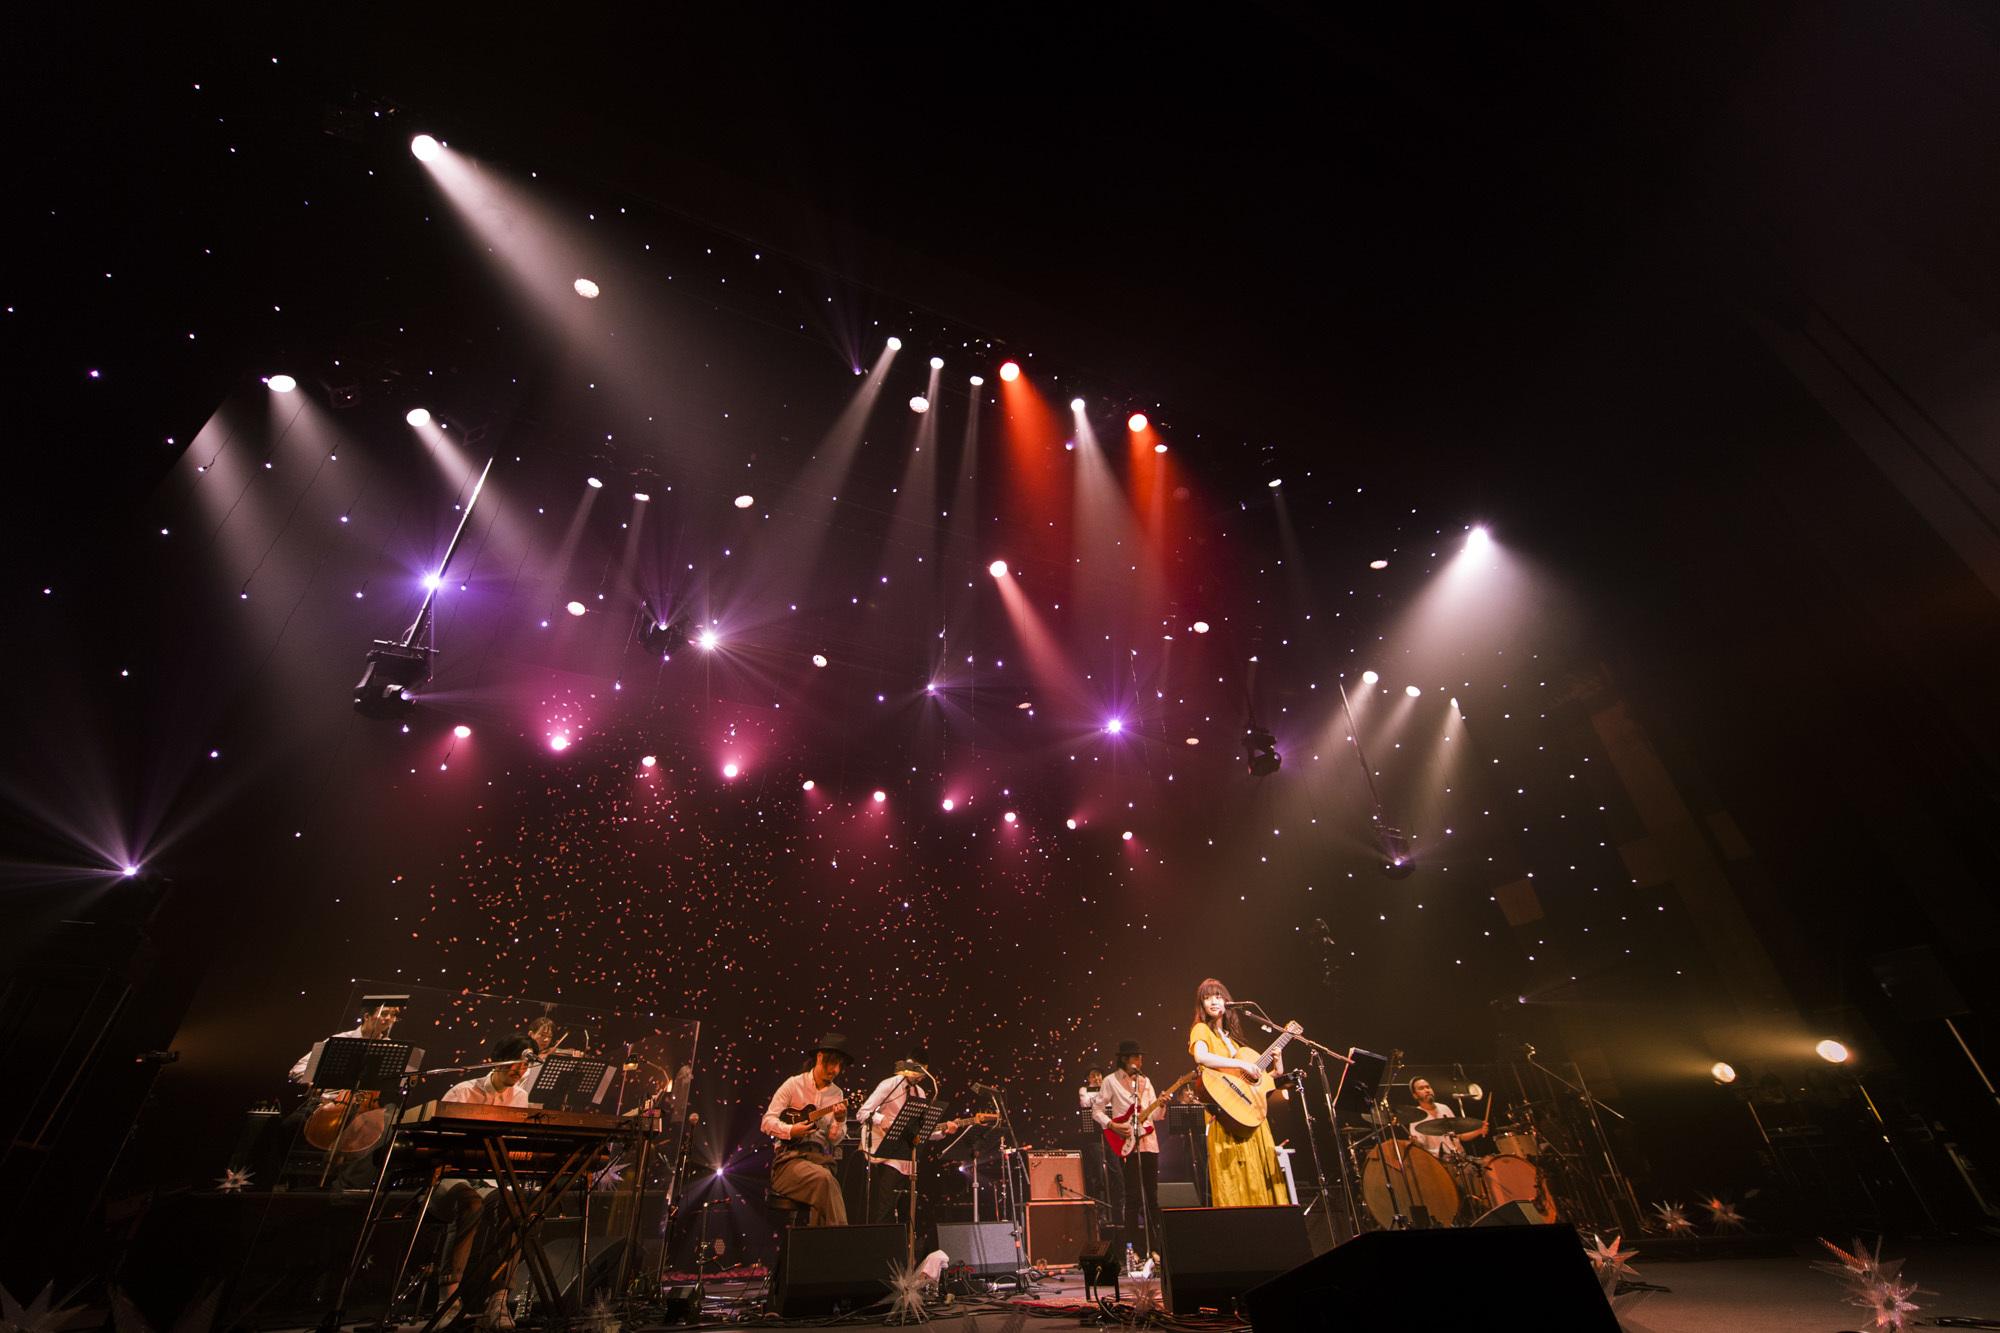 『藤原さくら Special Live2017』 Photo by 田中聖太郎